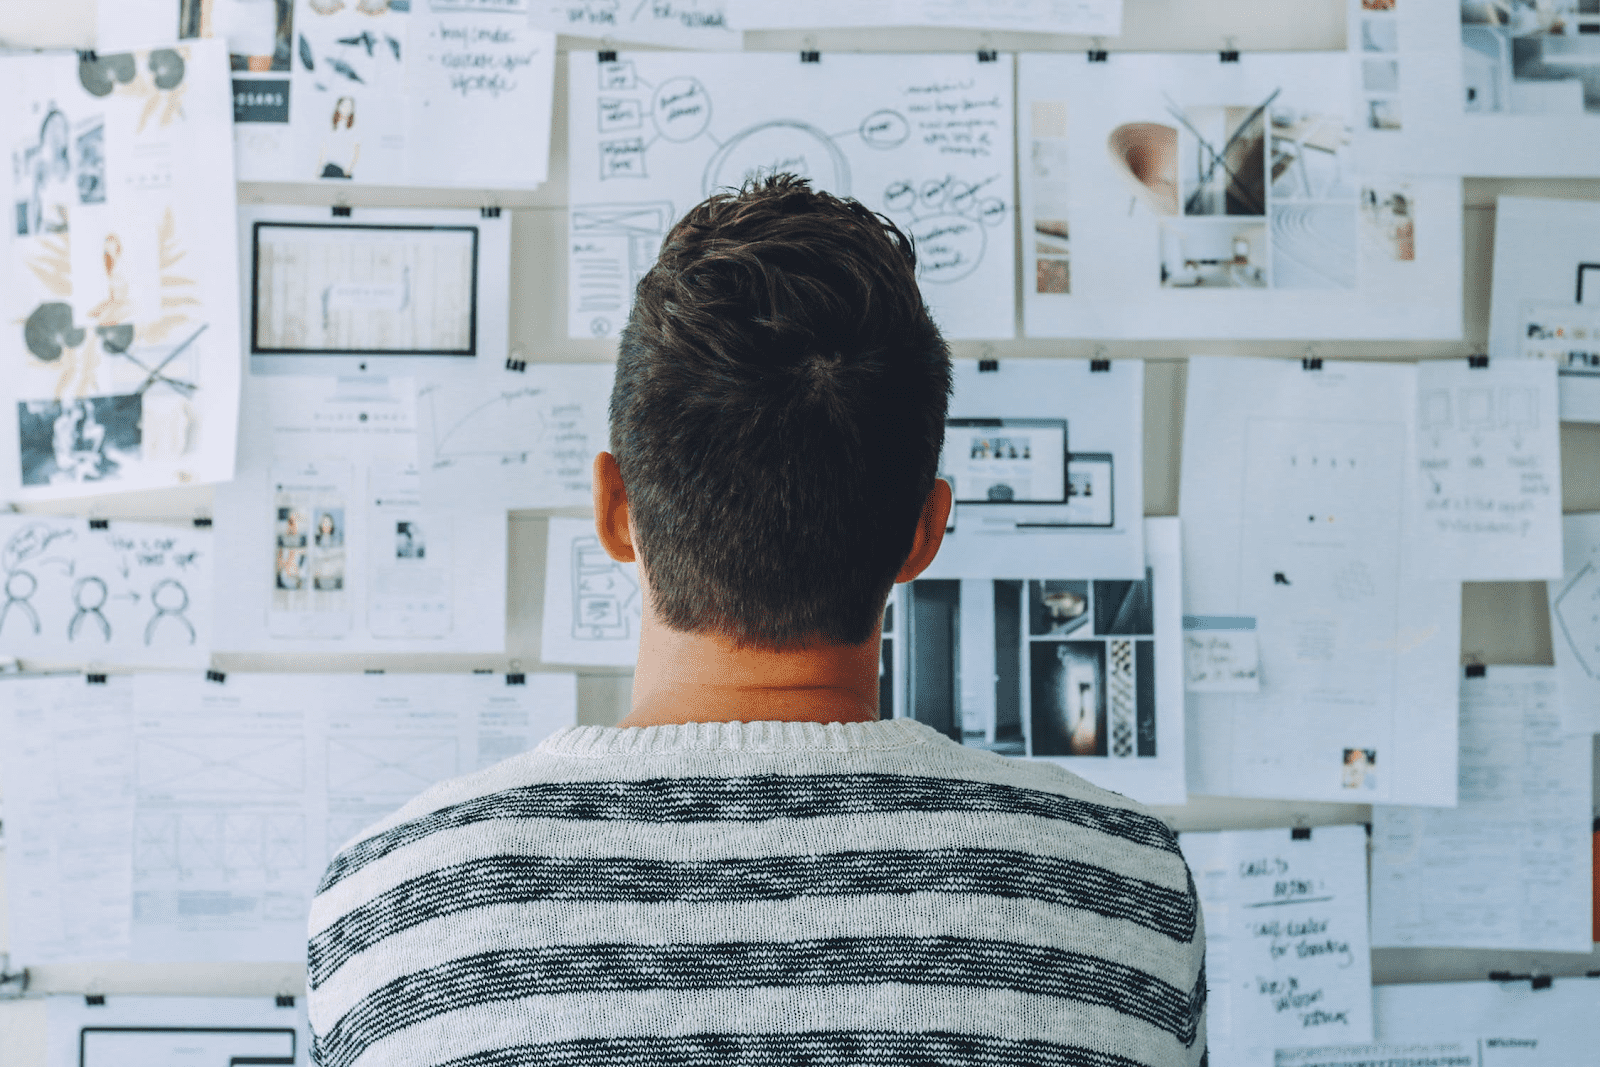 man staring at bulletin board of charts and graphs